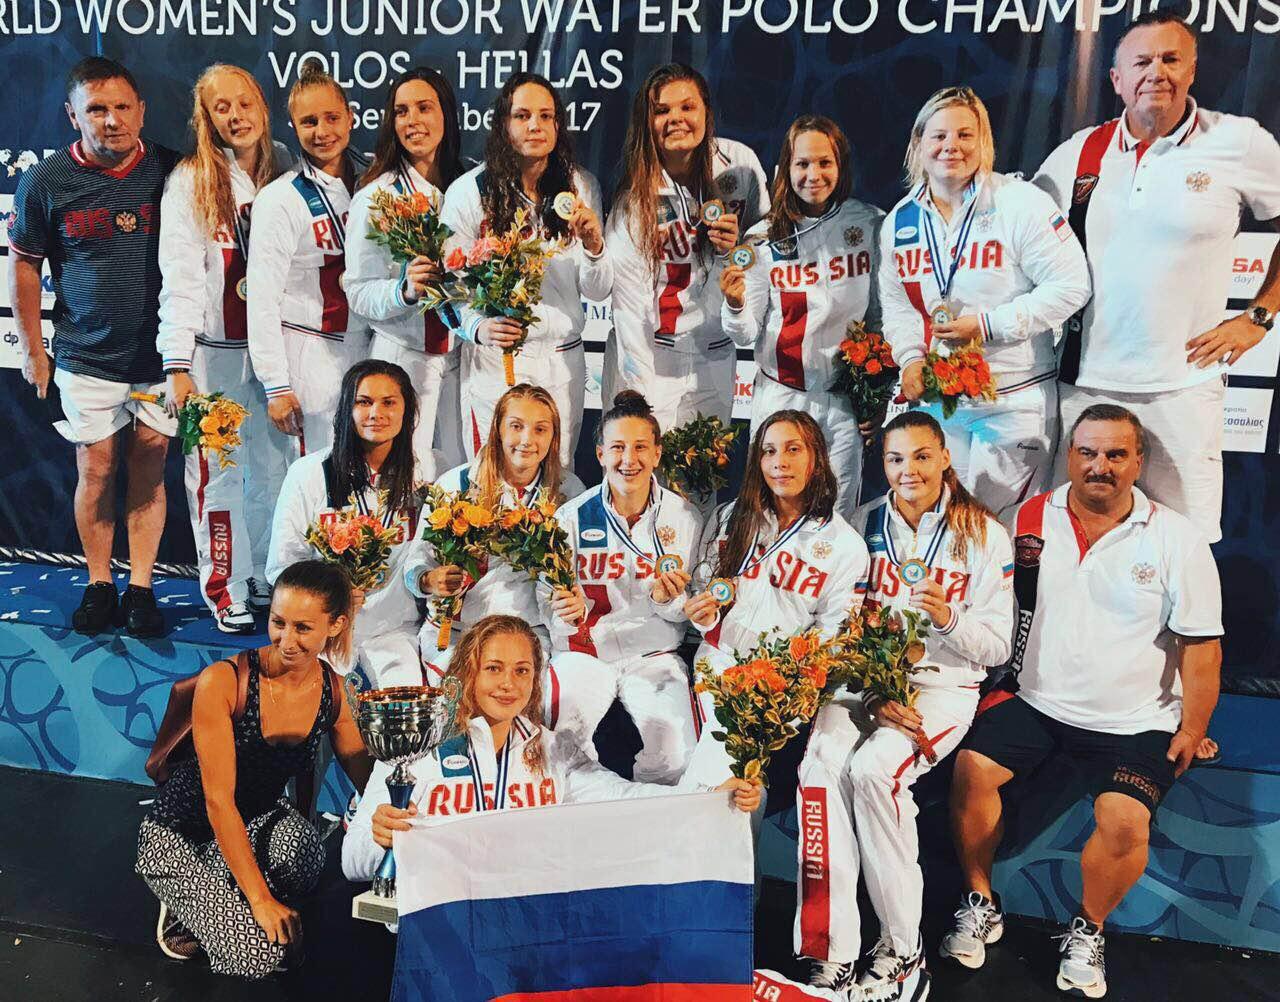 Как уже сообщало агентство, в минувшие выходные женская сборная России